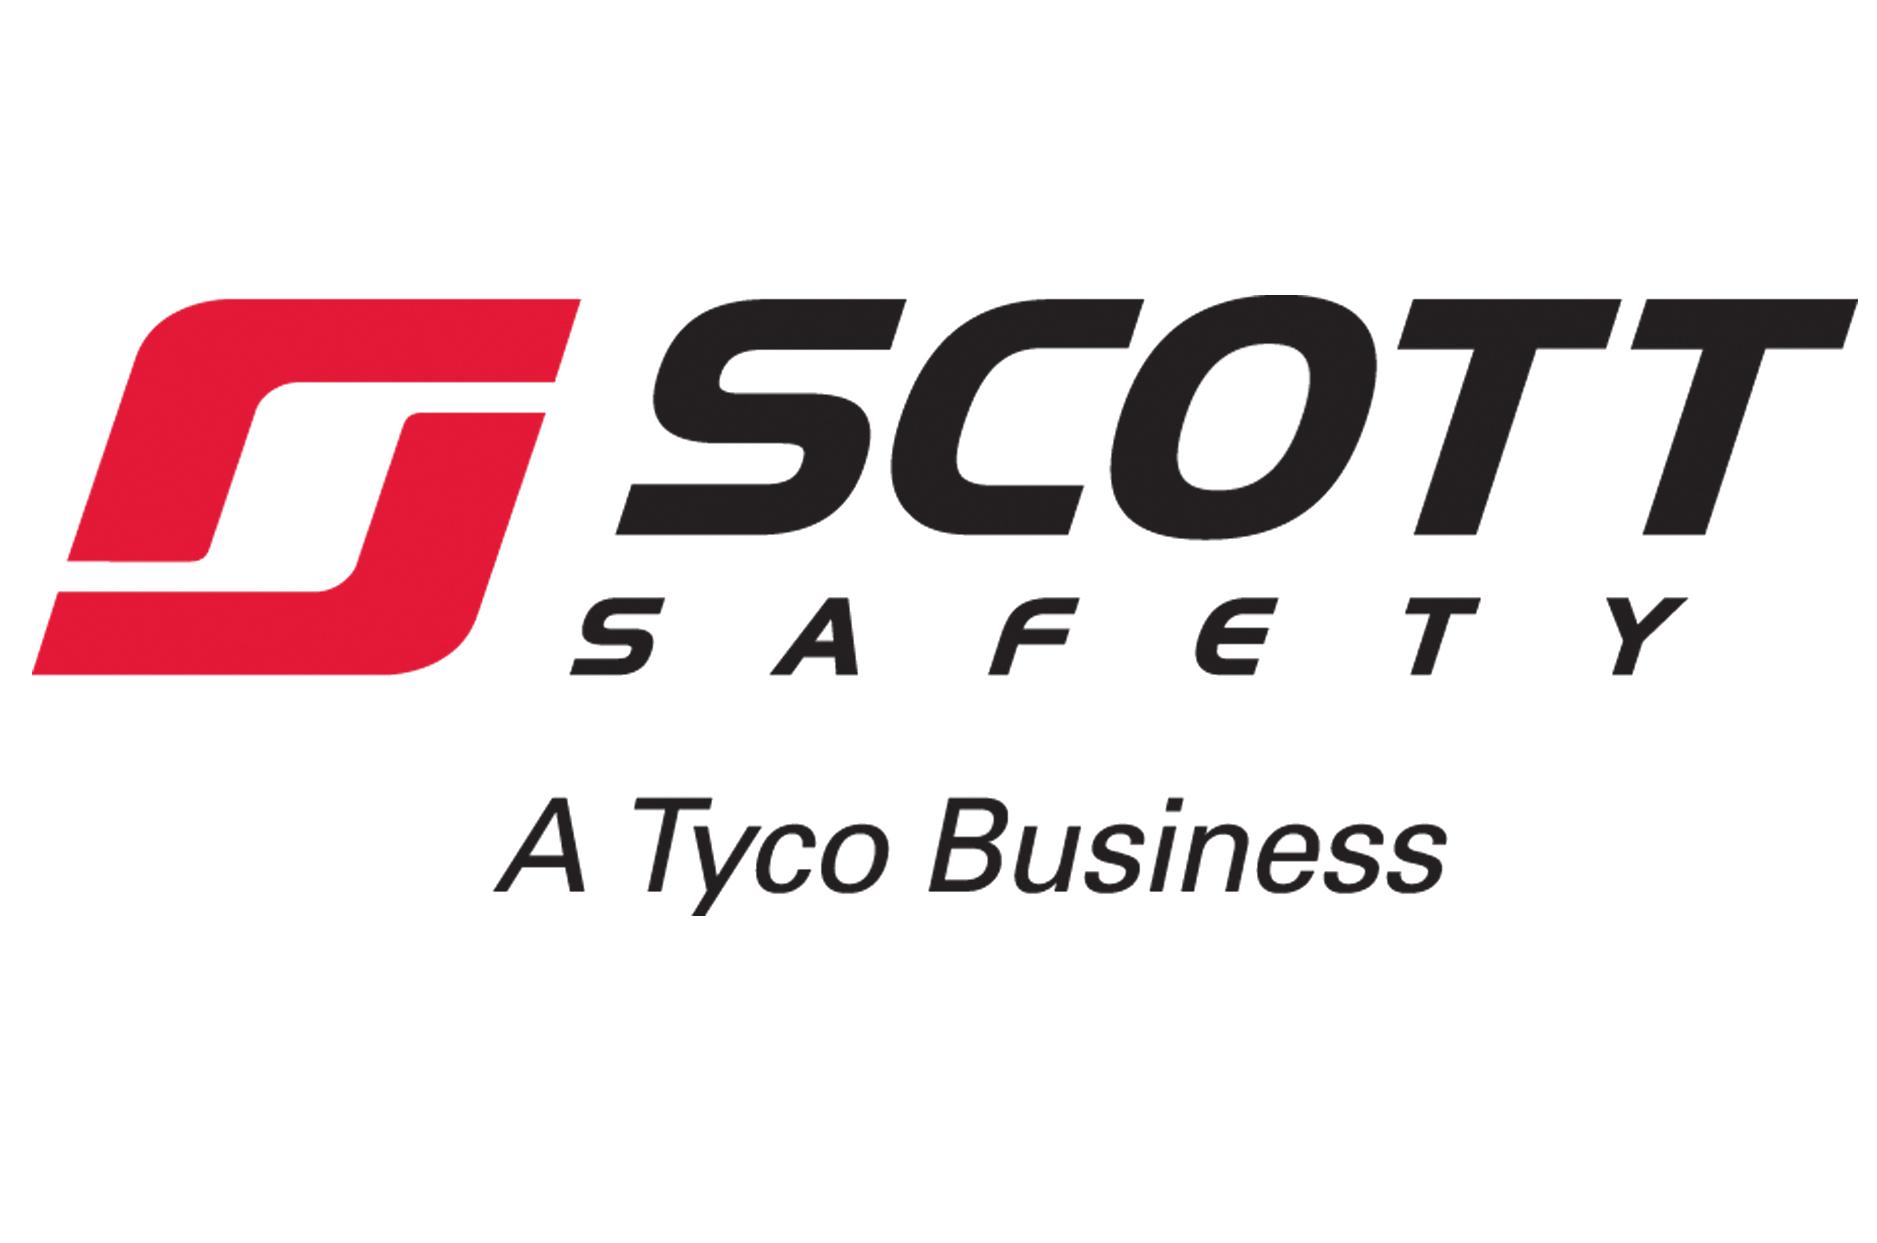 Scott-Safety-logo